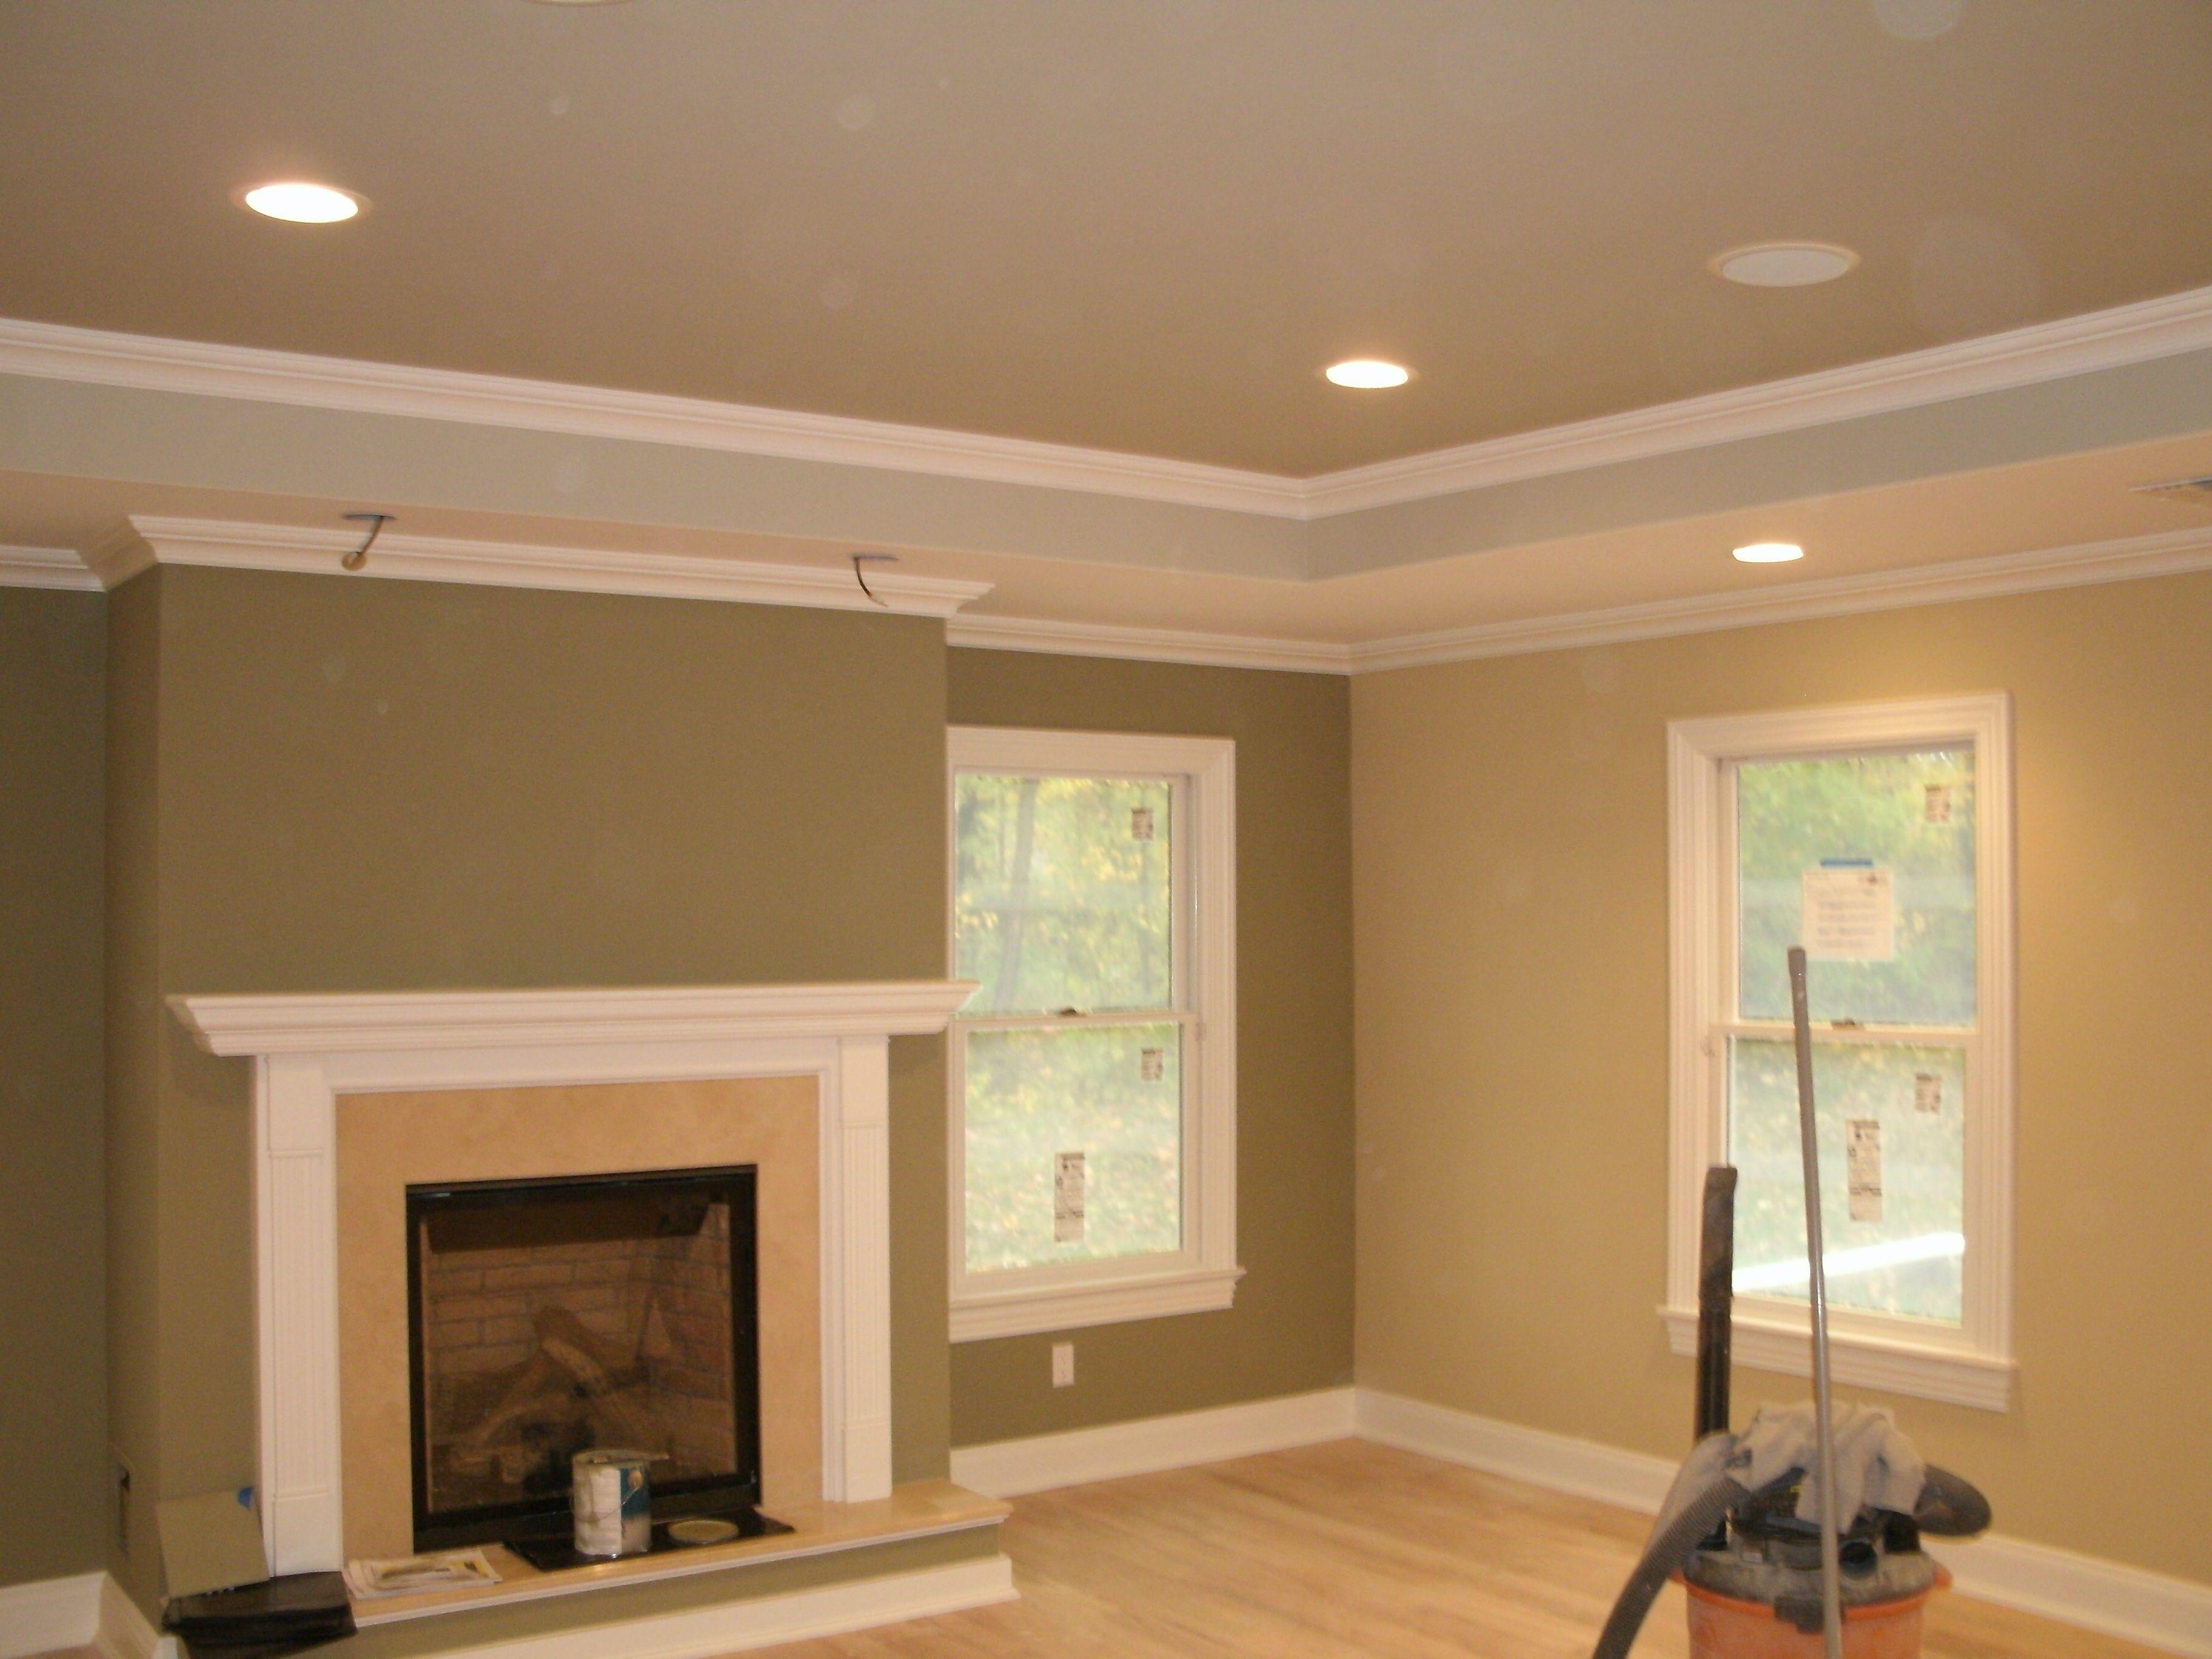 Interior Painting U0026 Molding Finishes